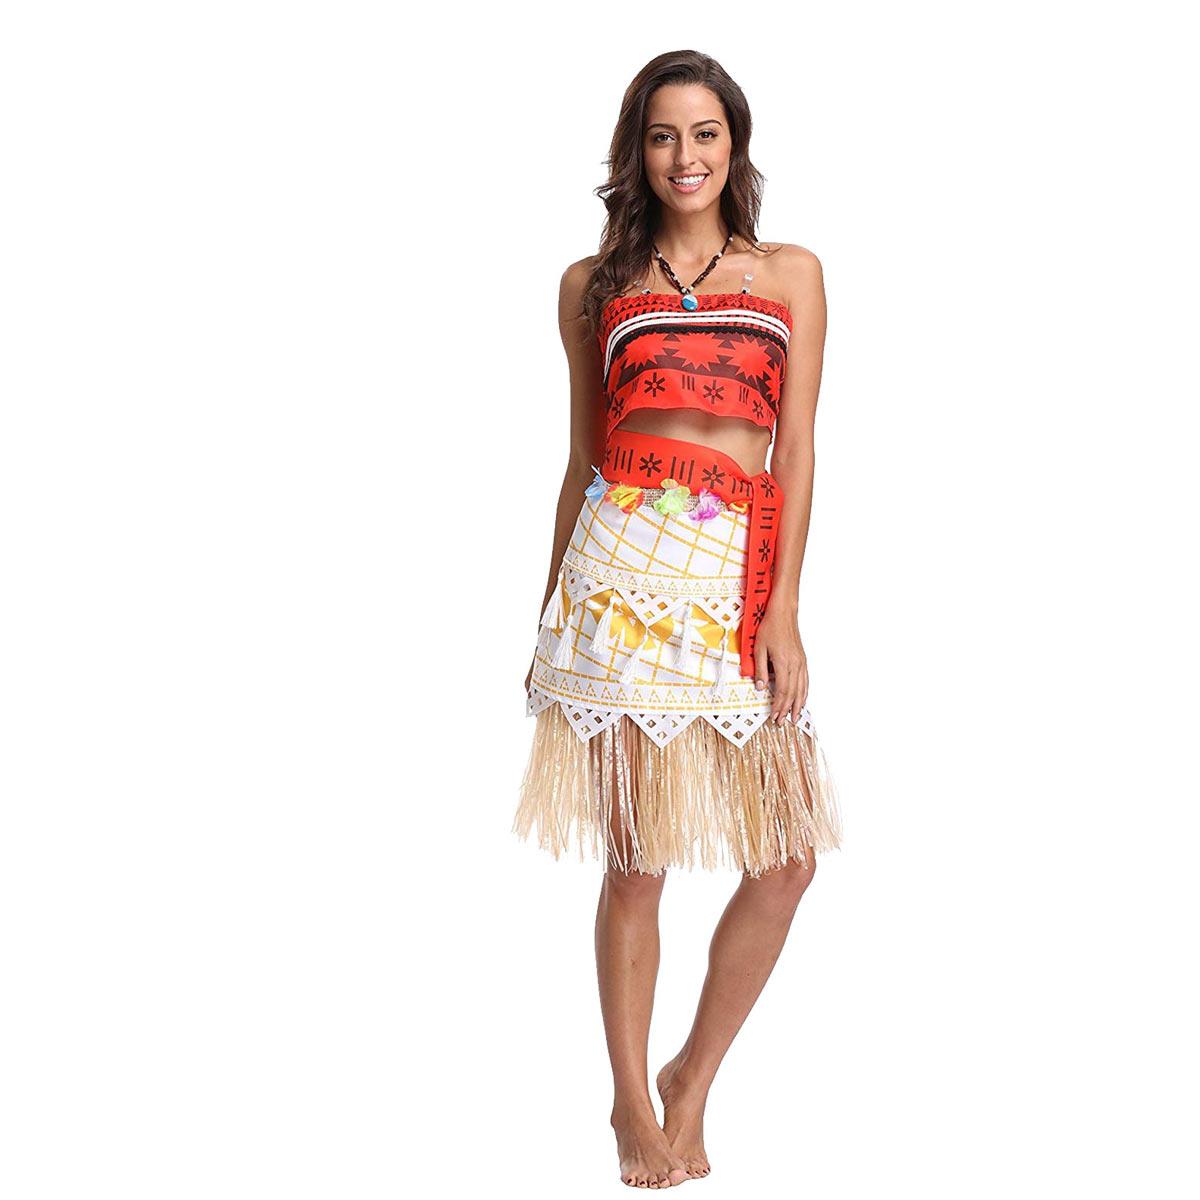 モアナと伝説の海 衣装 コスチューム コスプレ ハワイアン 仮装 大人 ハロウィン Moana